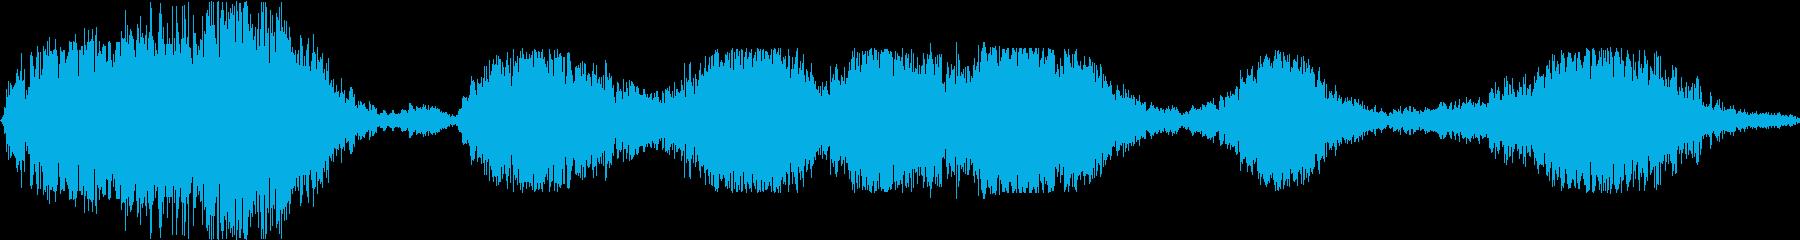 ロックとストーンのデブリ、さまざま...の再生済みの波形